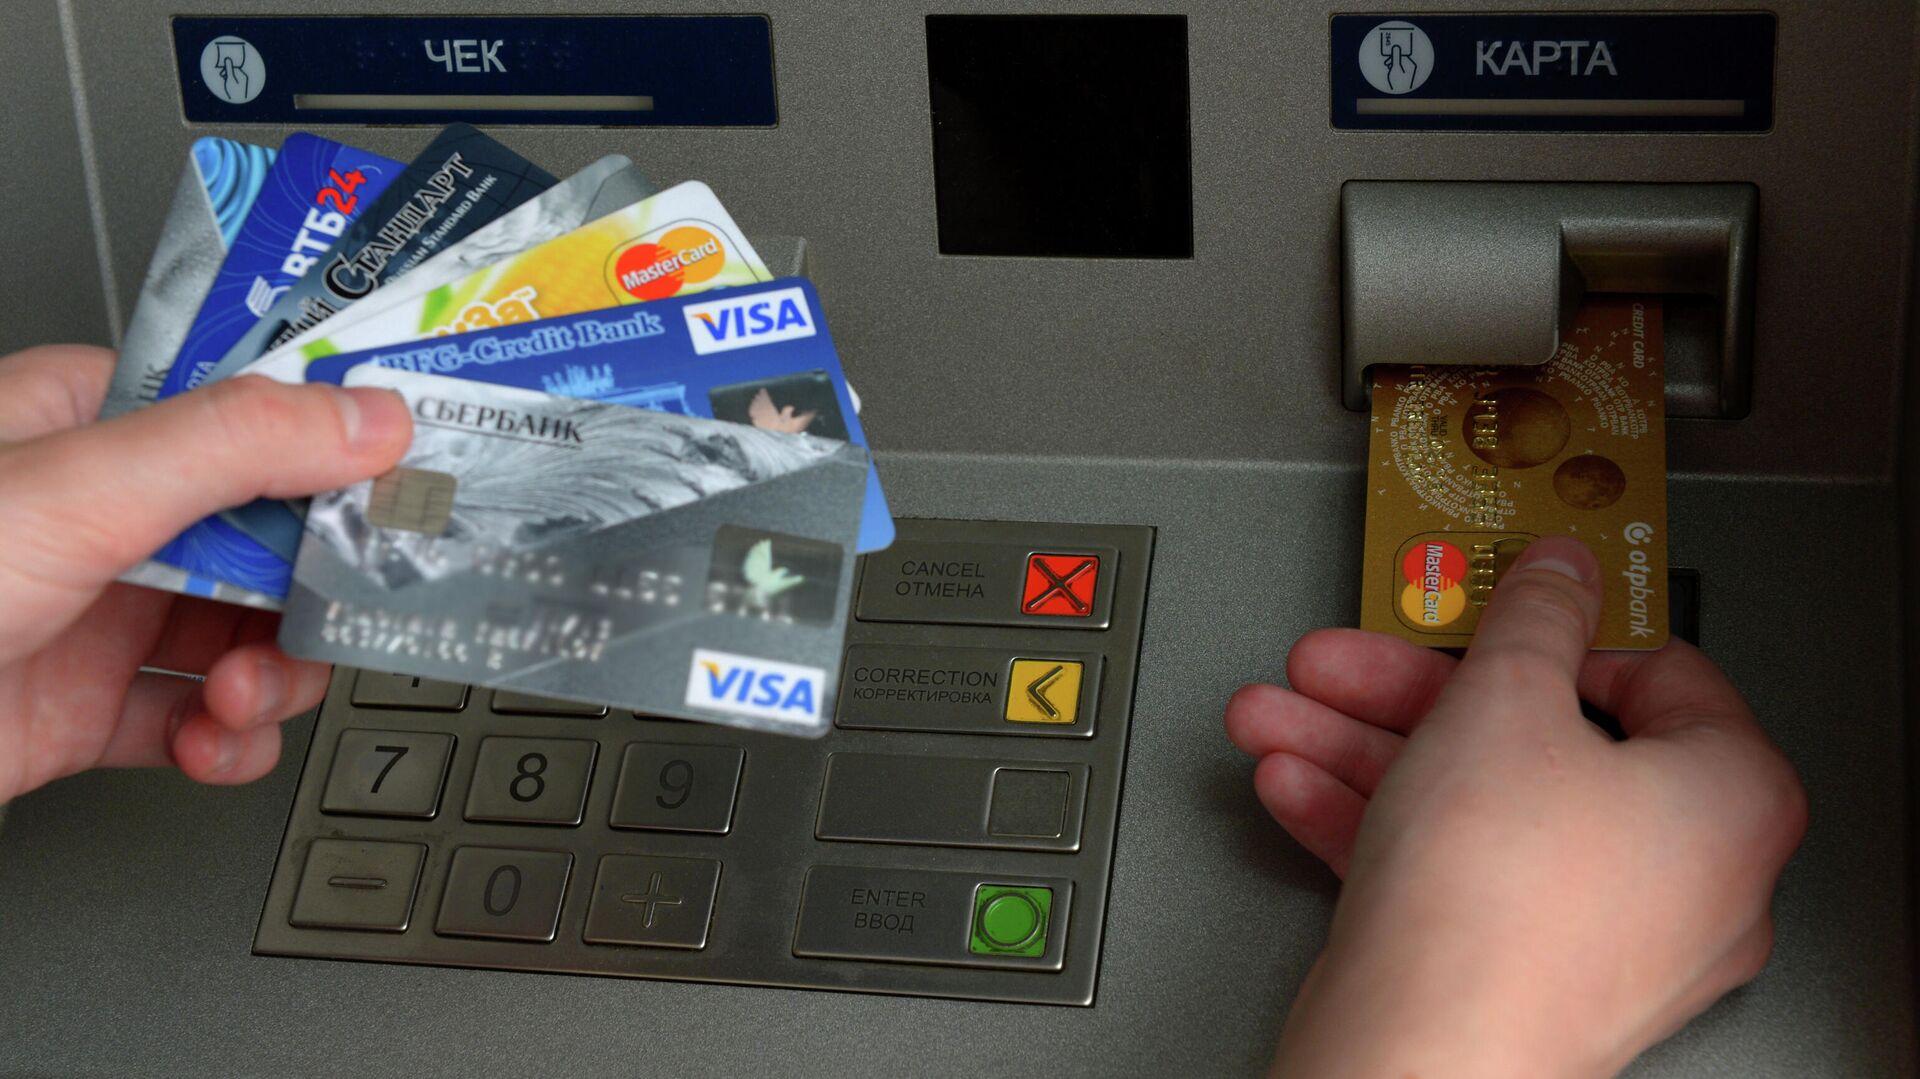 Банковские карты международных платежных систем VISA и MasterCard - РИА Новости, 1920, 05.01.2021